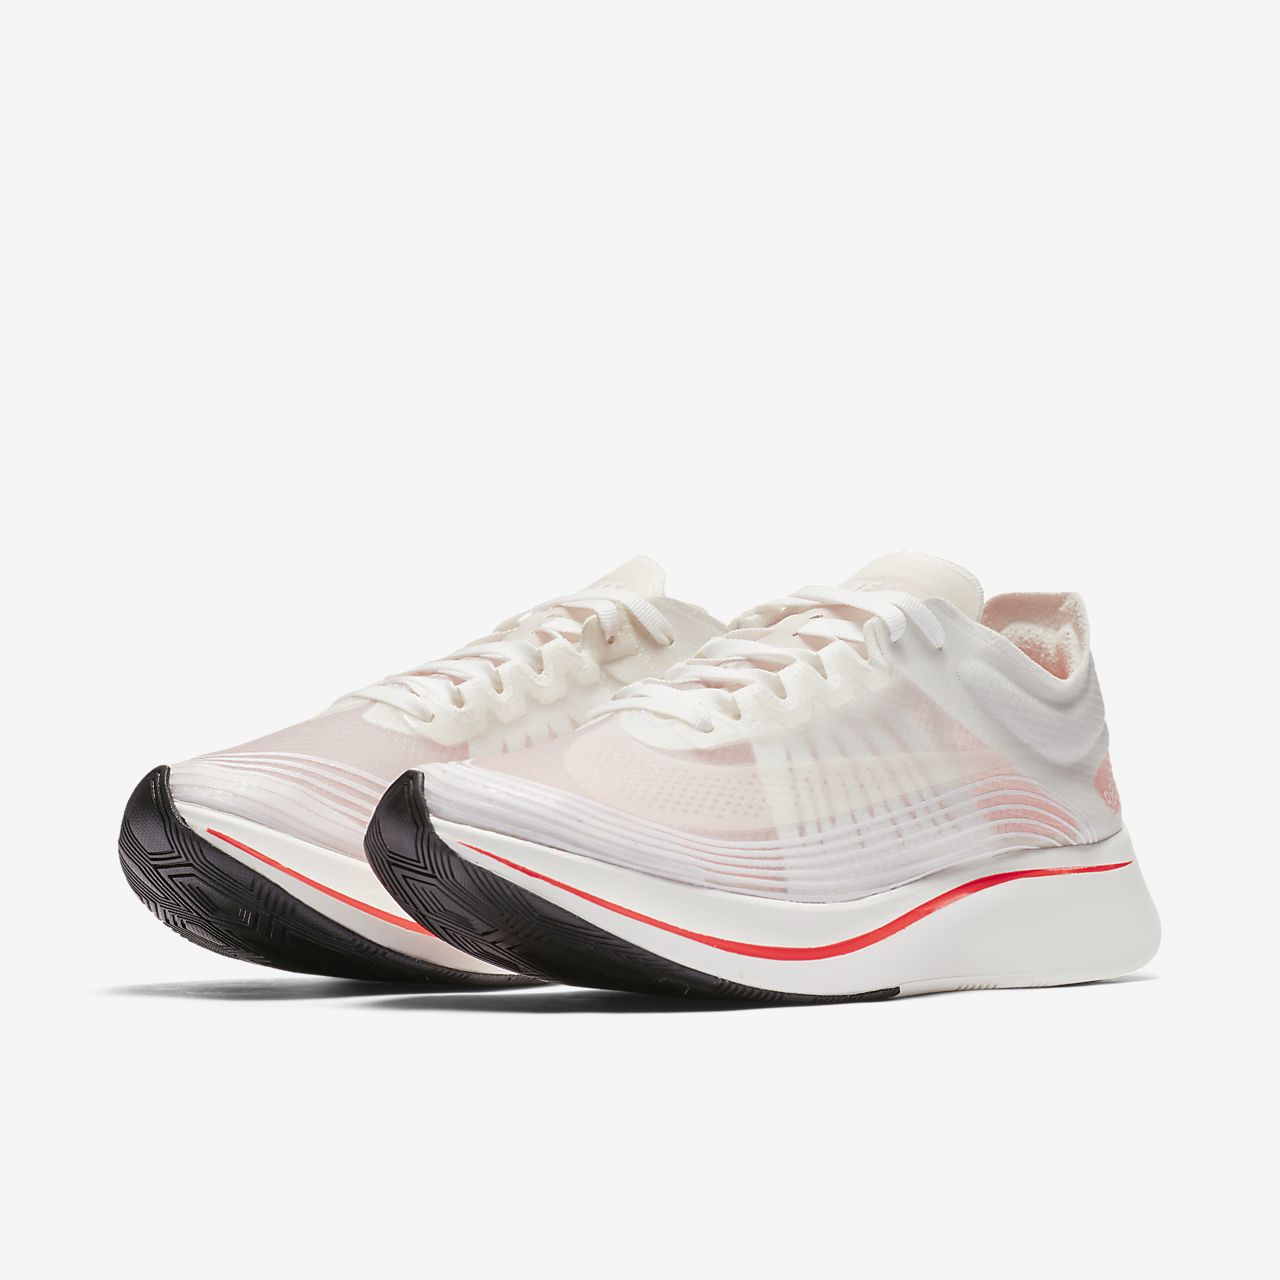 Scarpa da running Nike Zoom Fly SP - Donna